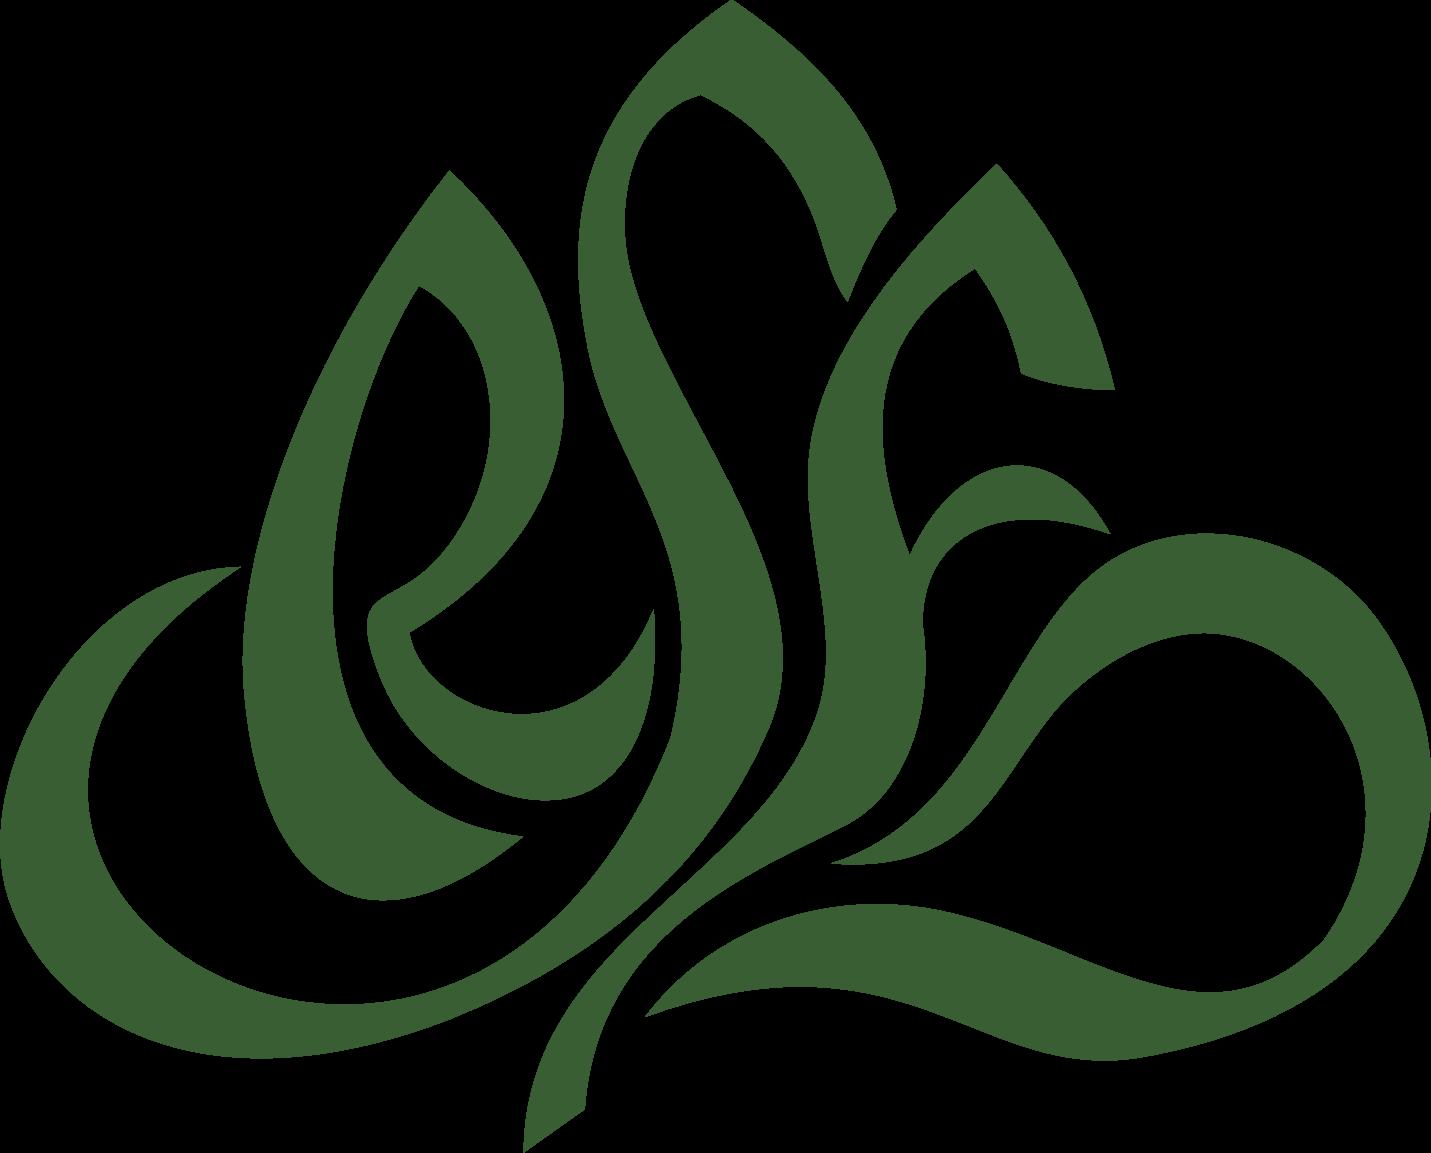 Daftar Rumah Sakit Baru Daftar Rumah Sakit Di Indonesia Wikipedia Bahasa Logo Rumah Sakit Umum Pusat Rsup Fatmawati Jakarta Ardi La Madi